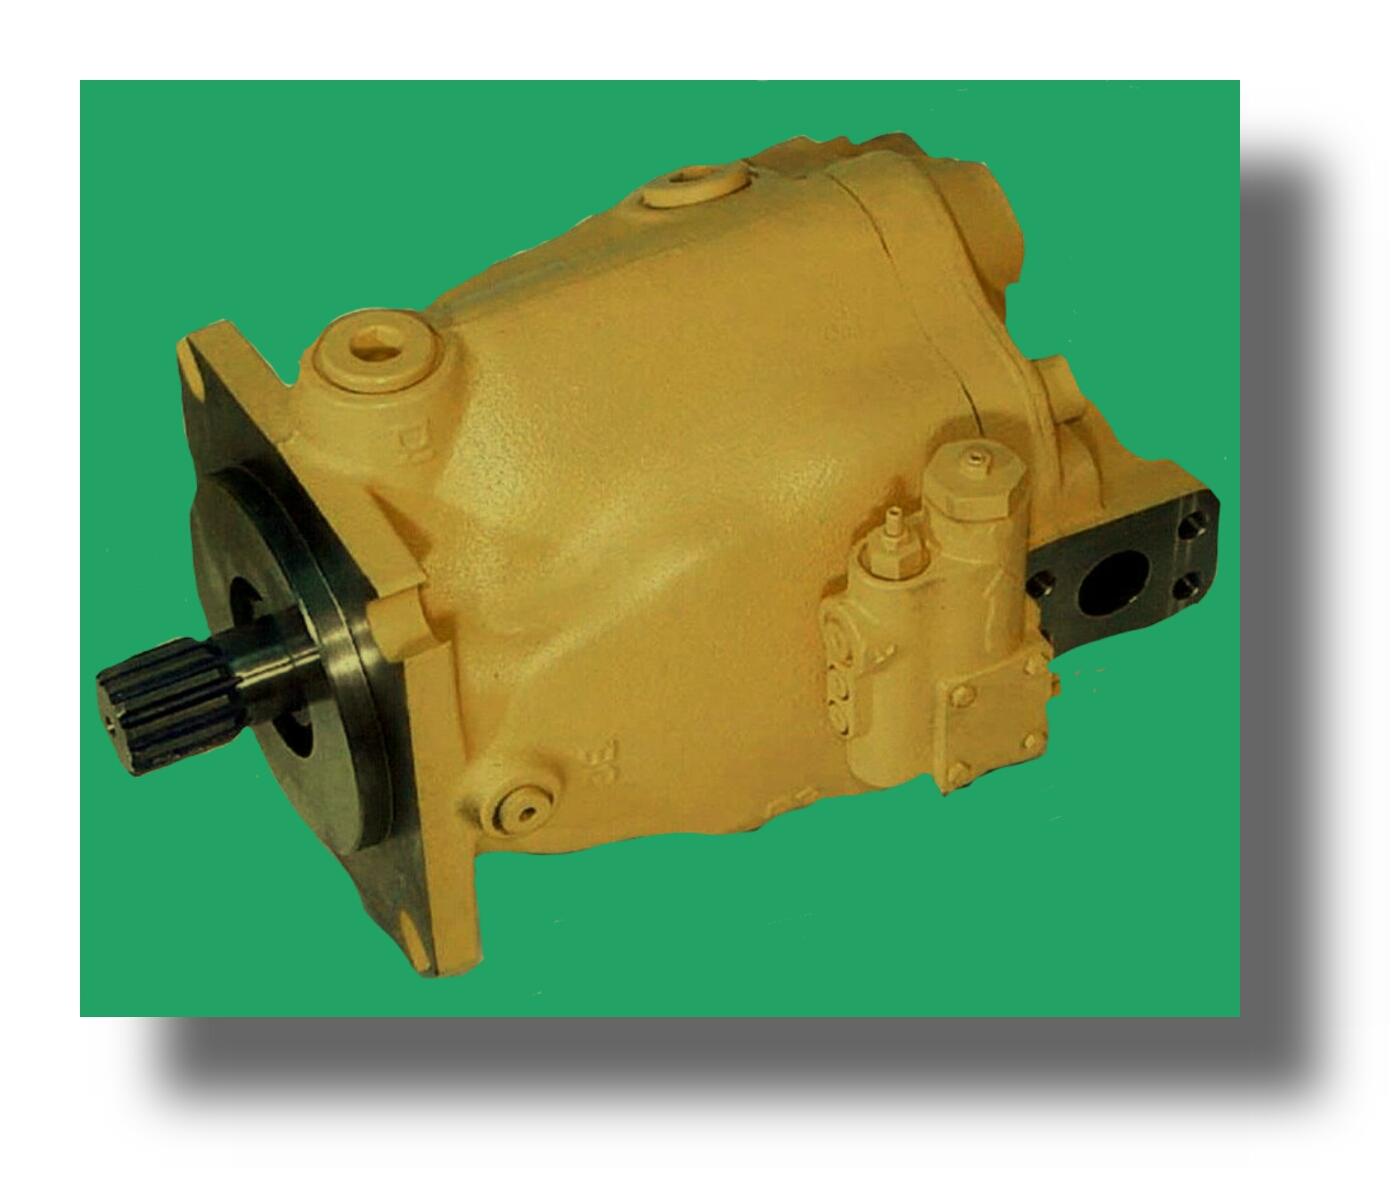 Denison Hydraulic Pump and Motor Repair